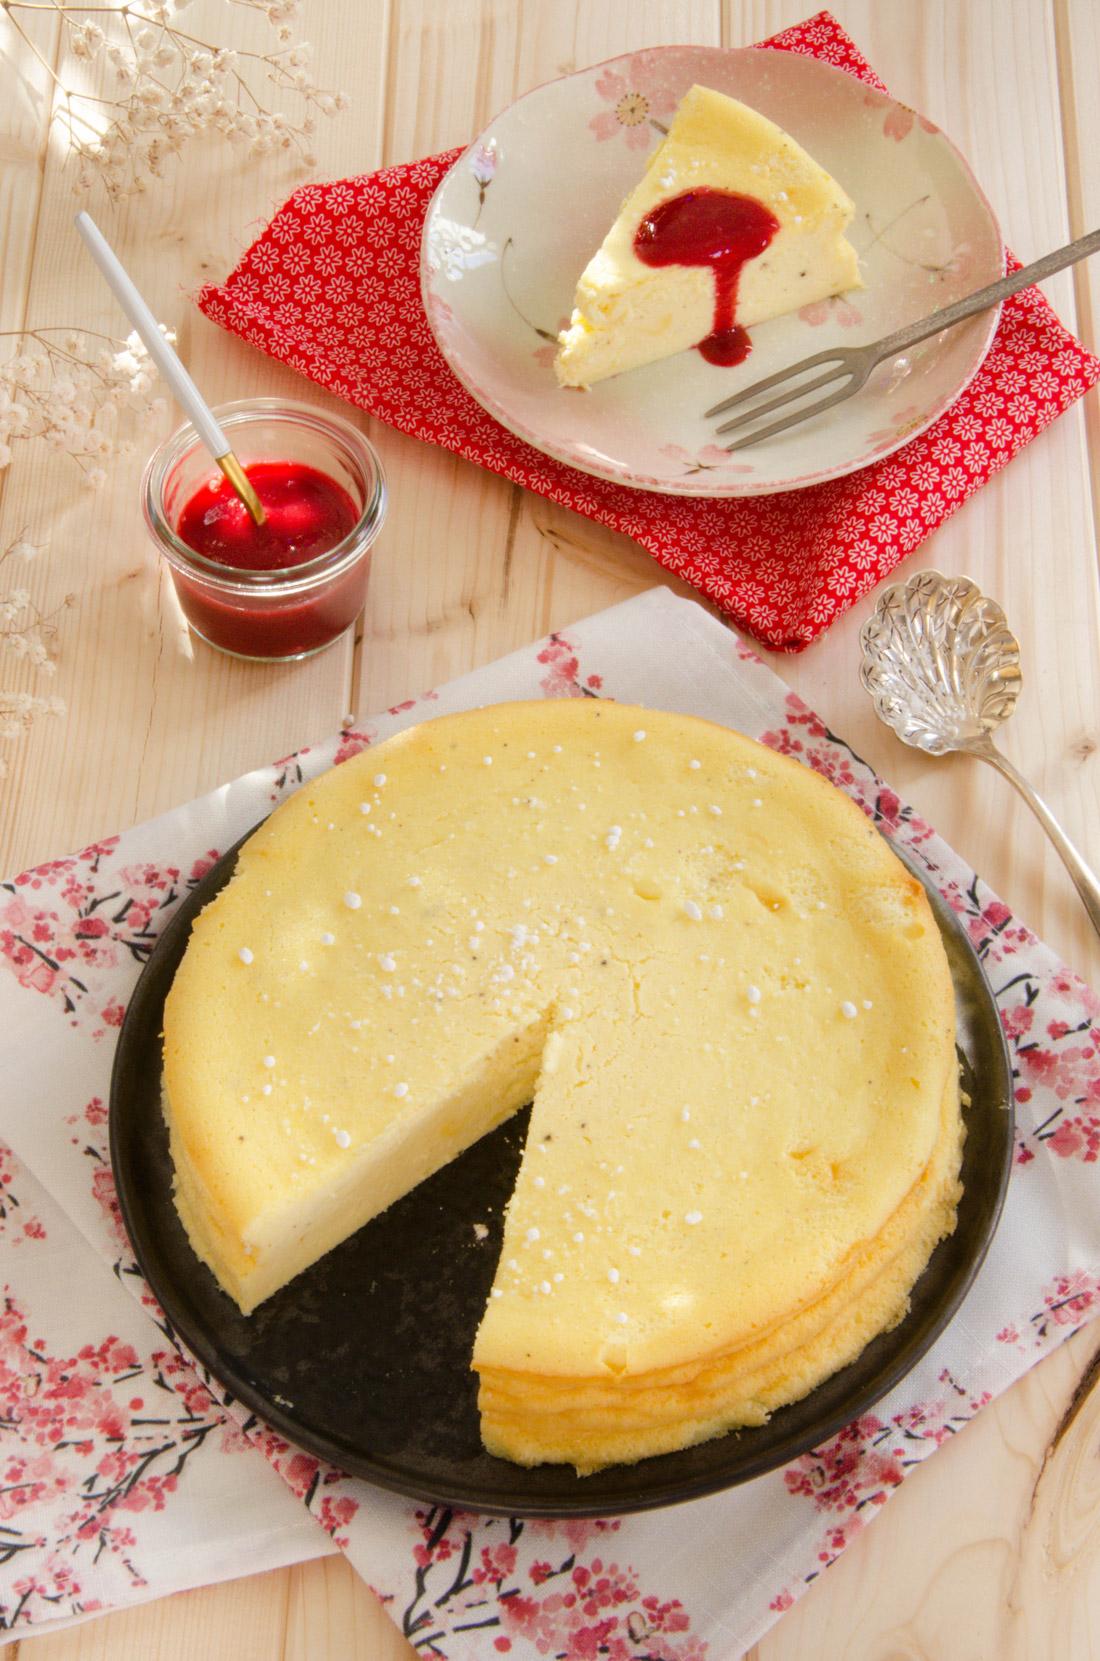 Gâteau carré frais à la vanille ultra moelleux et délicieux, fait maison